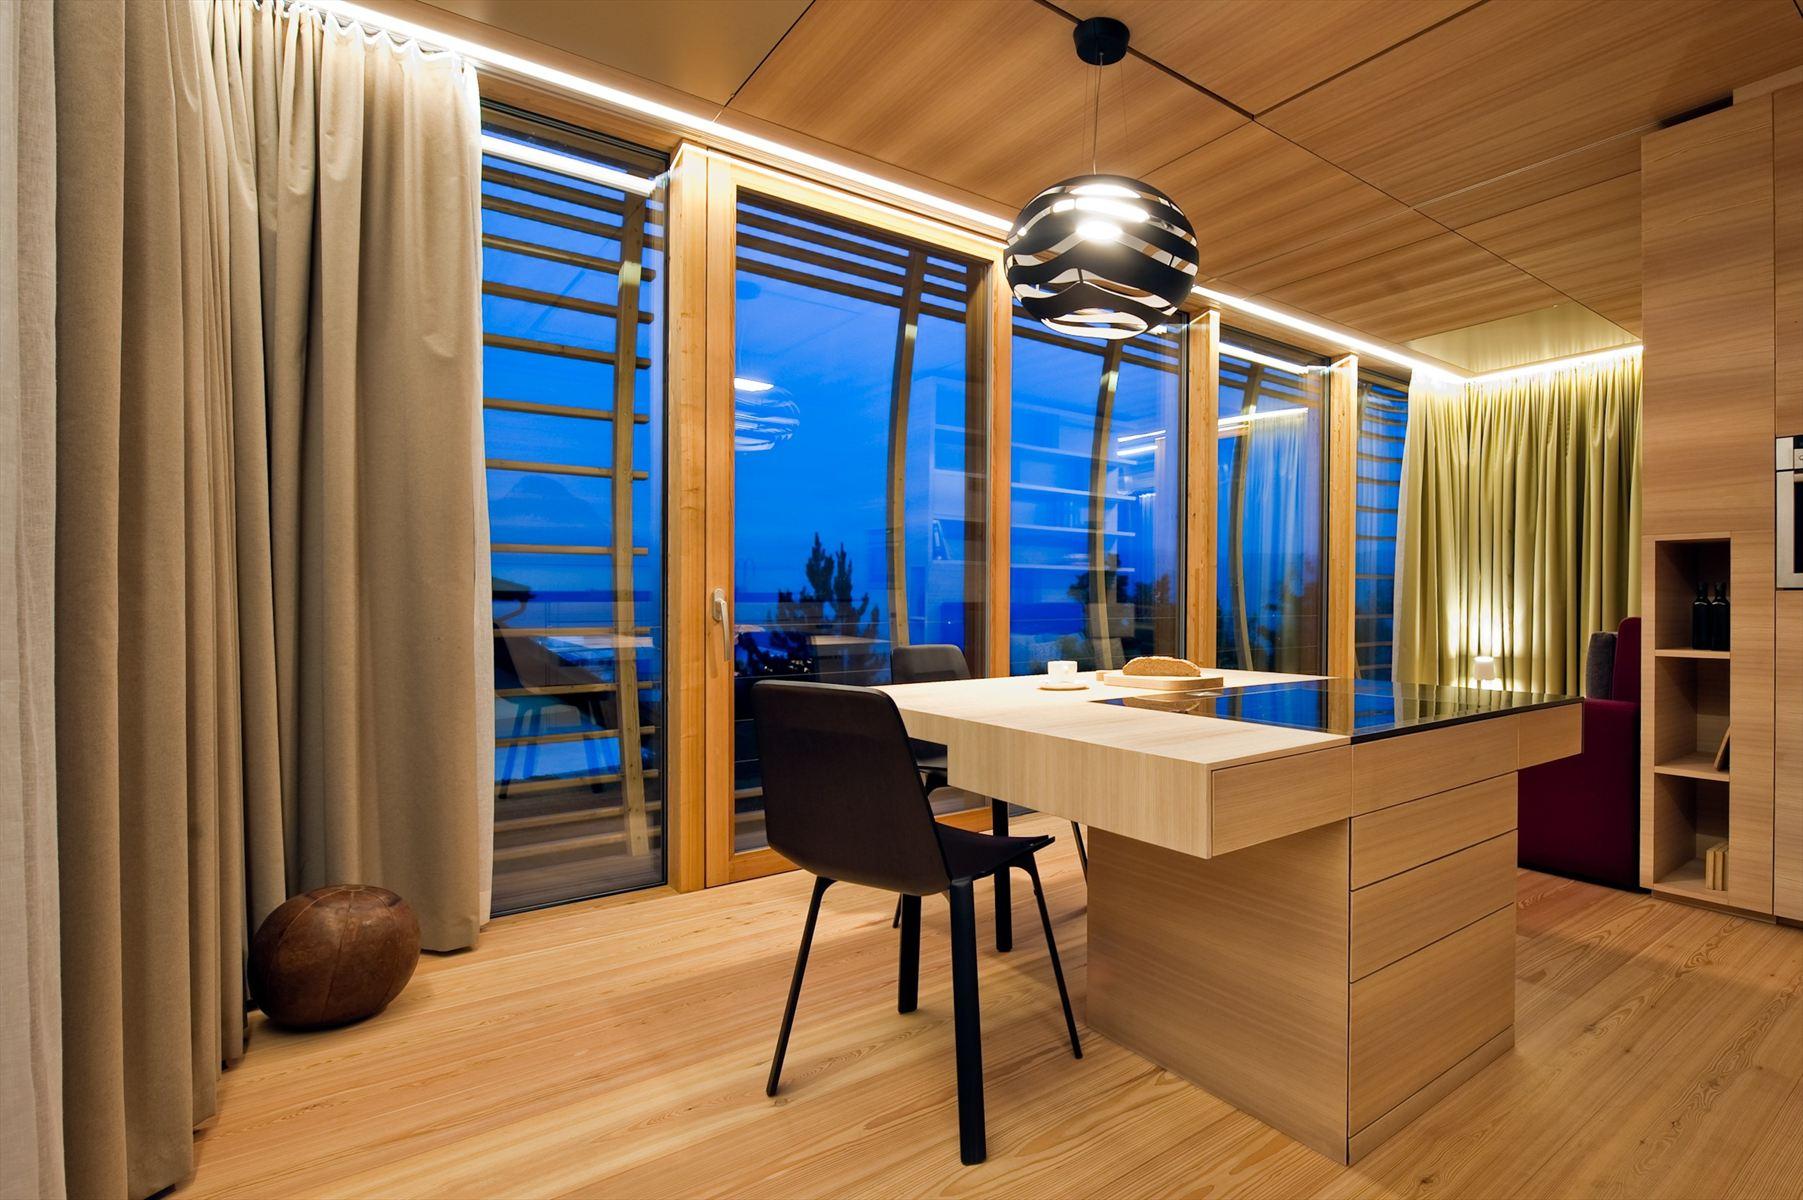 the-nomadic-fincube-house-by-studio-aisslinger-33.jpg